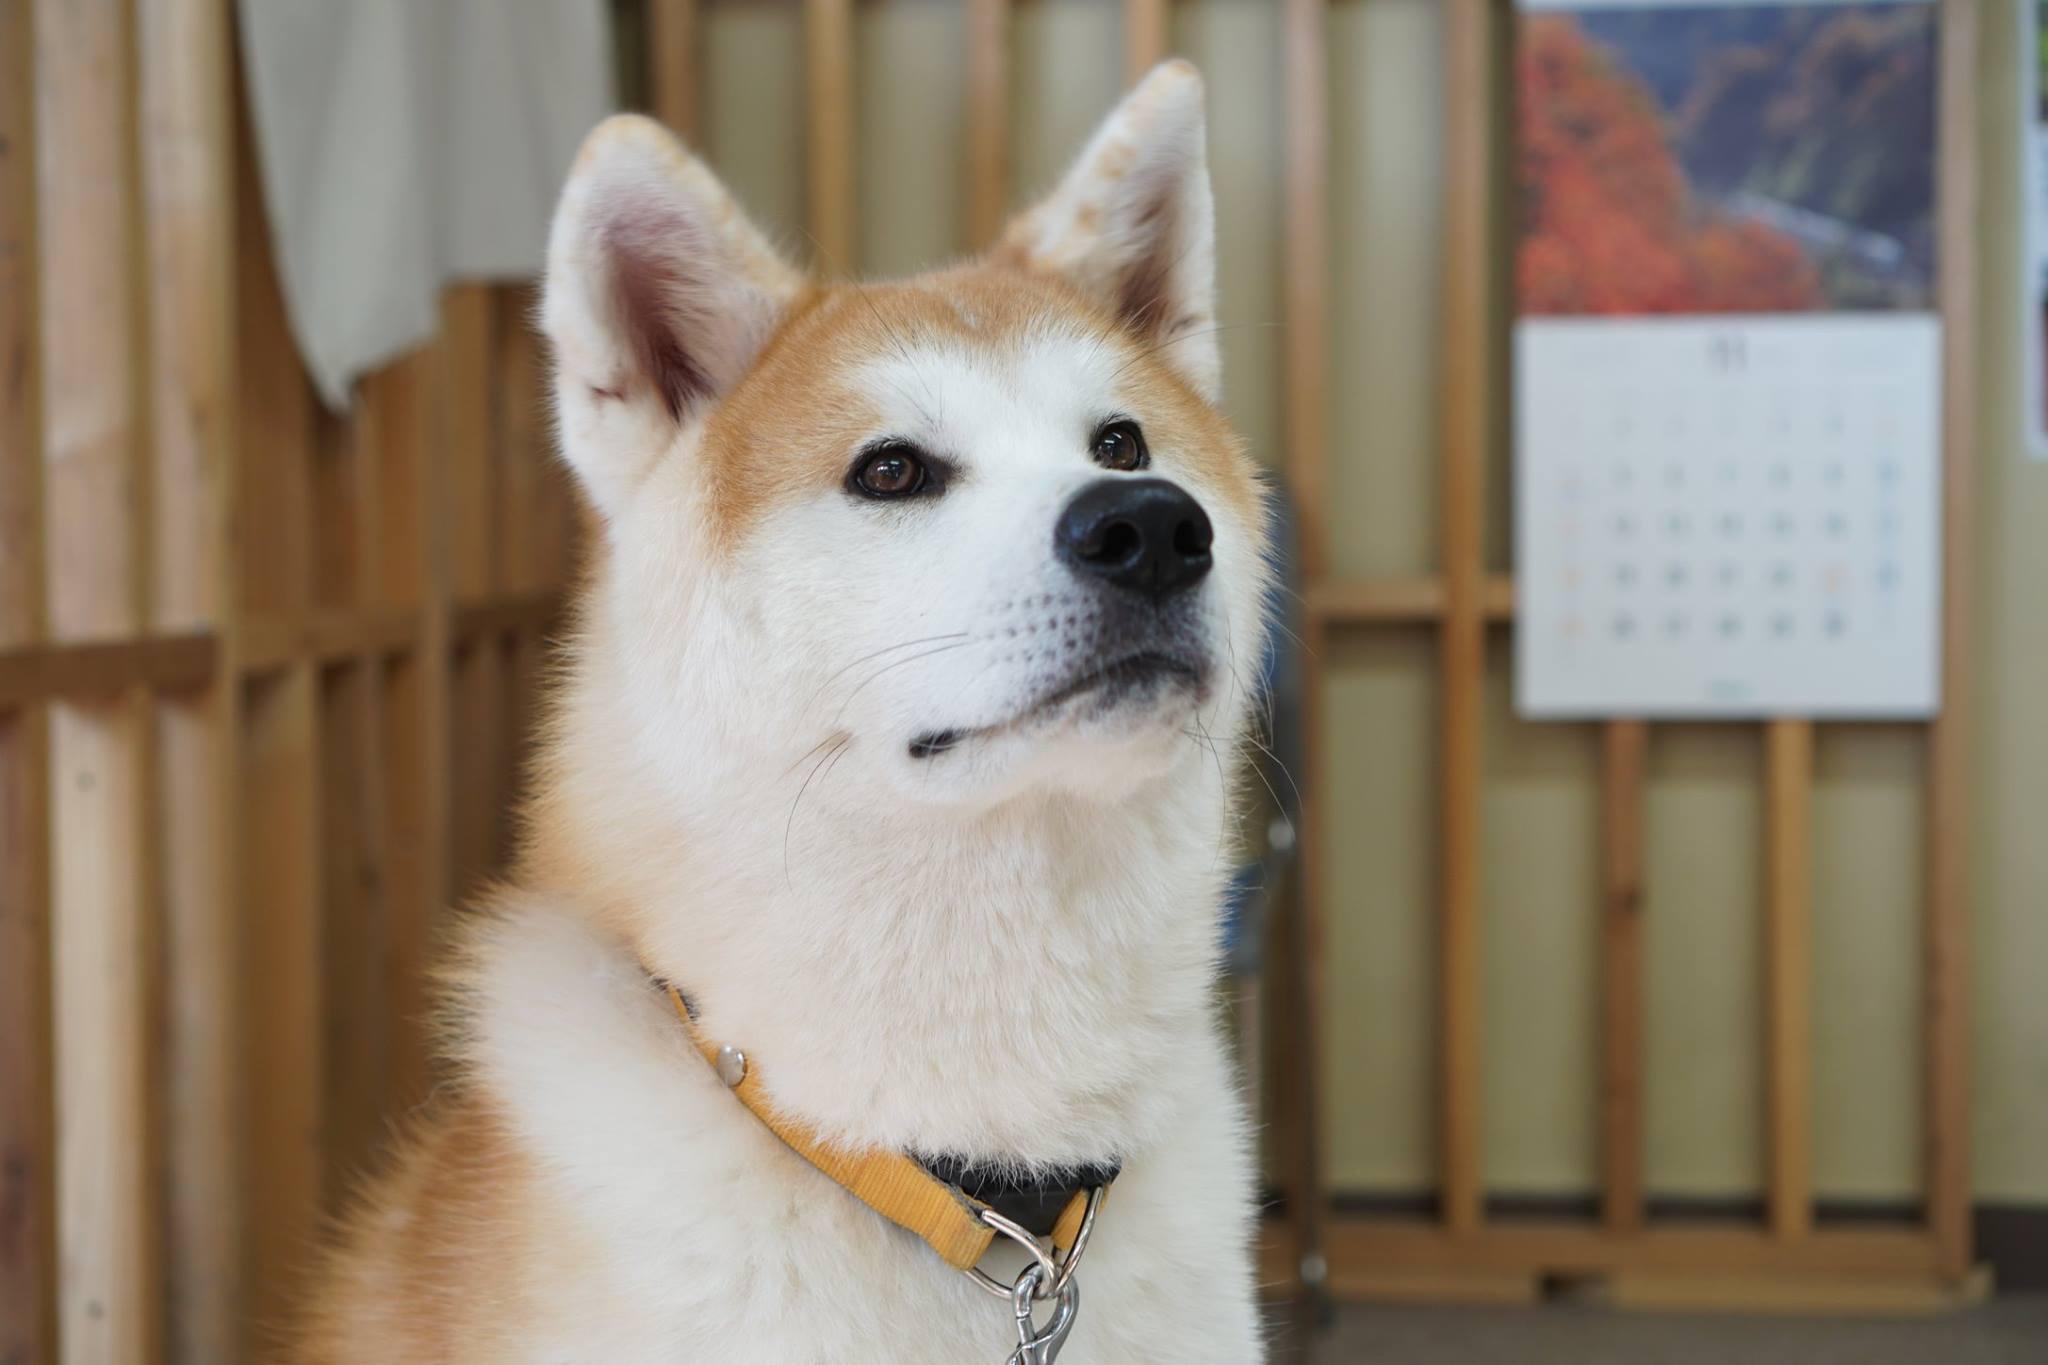 秋田犬に会いに行く◆秋田犬ふれあい処 Part2